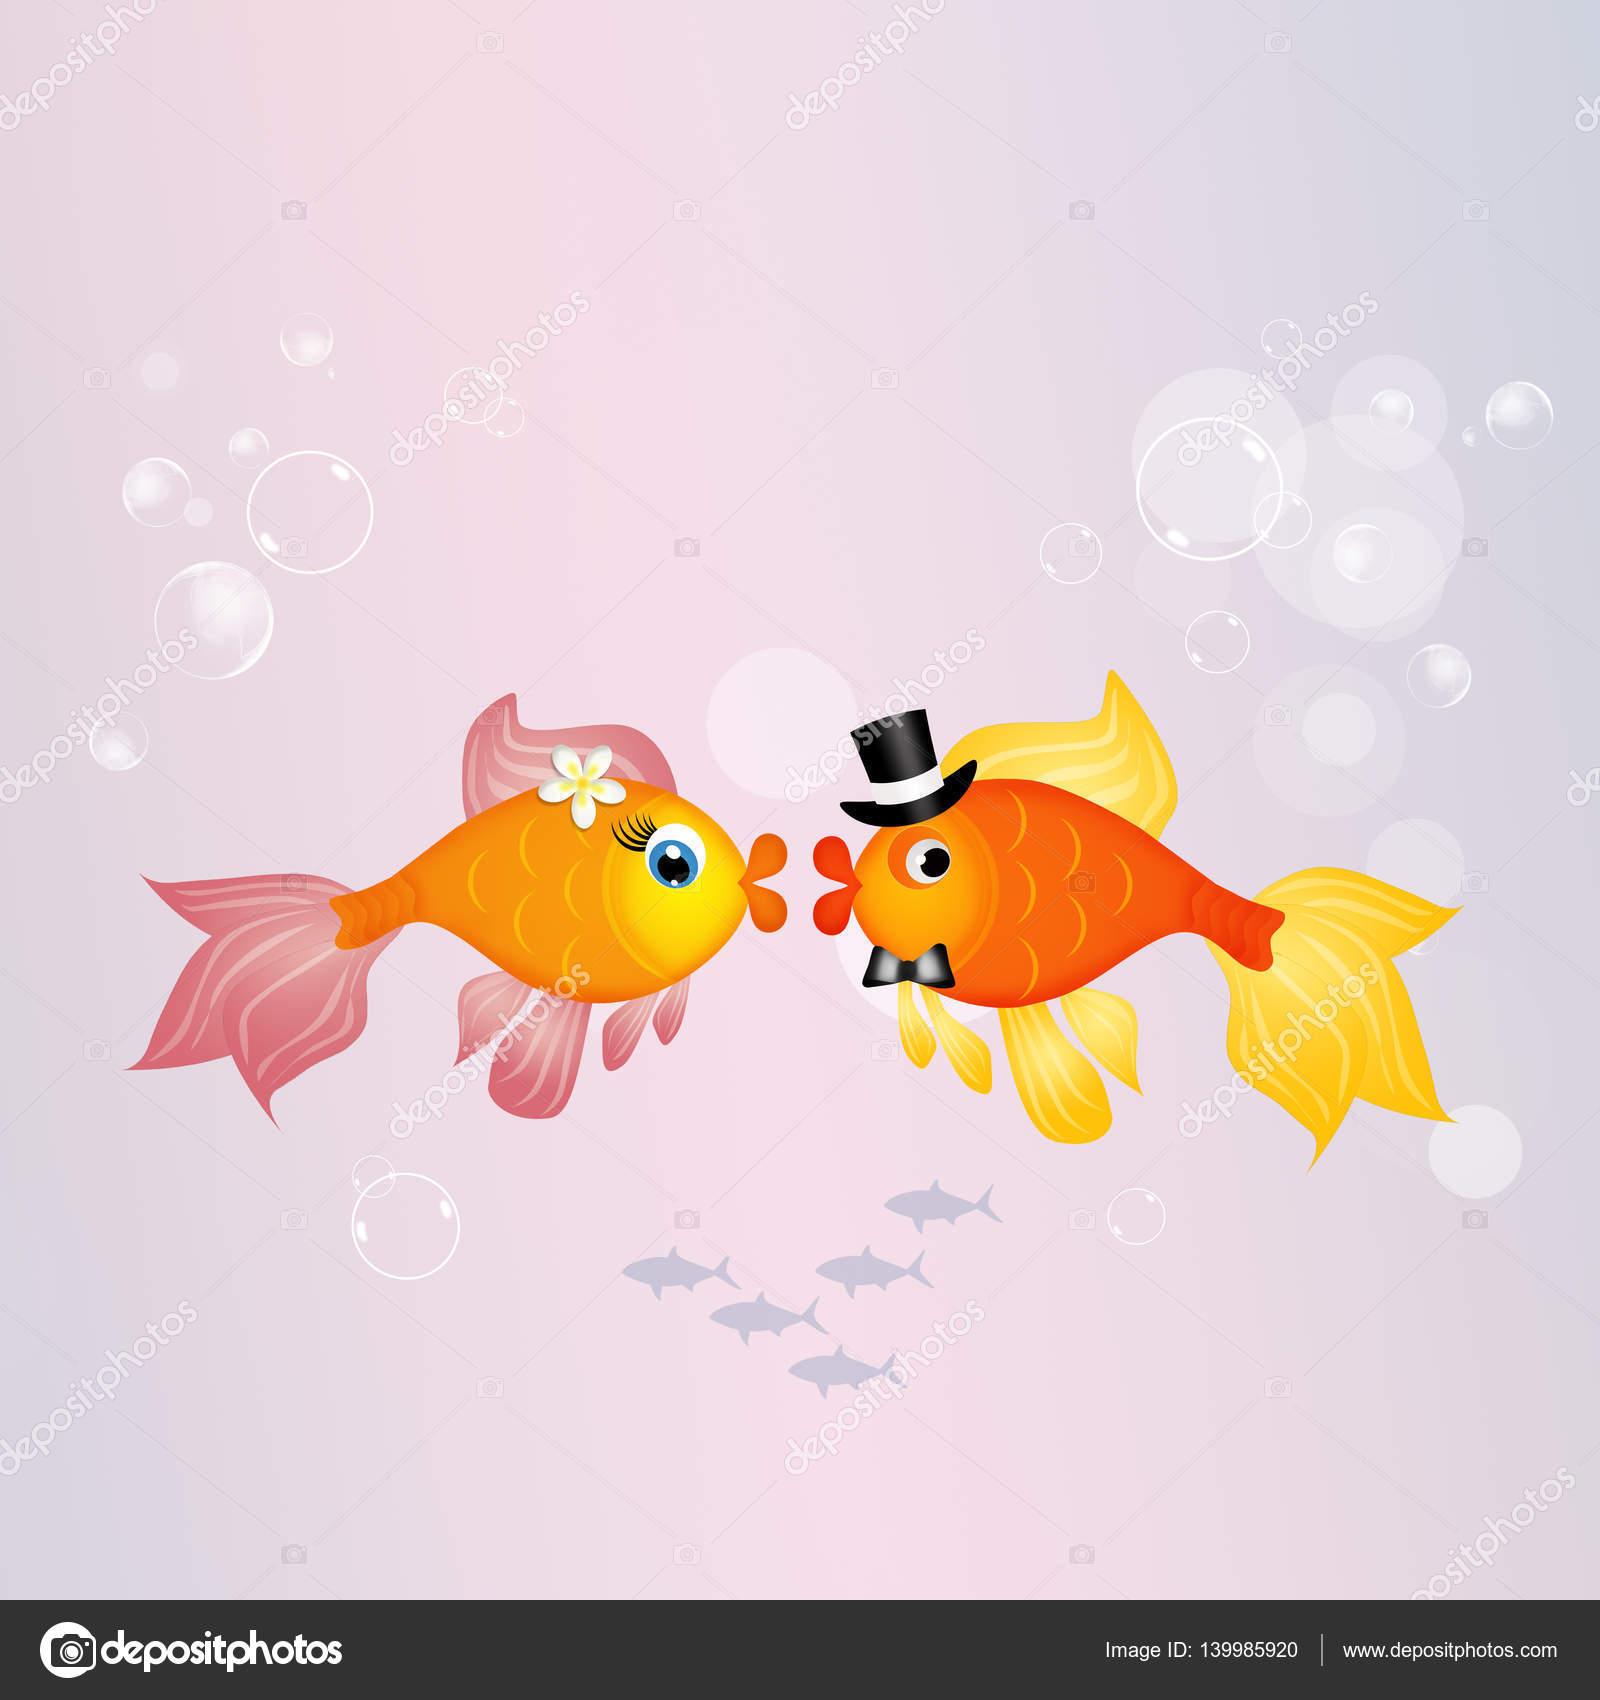 еще поздравления на свадьбу рыбки описании